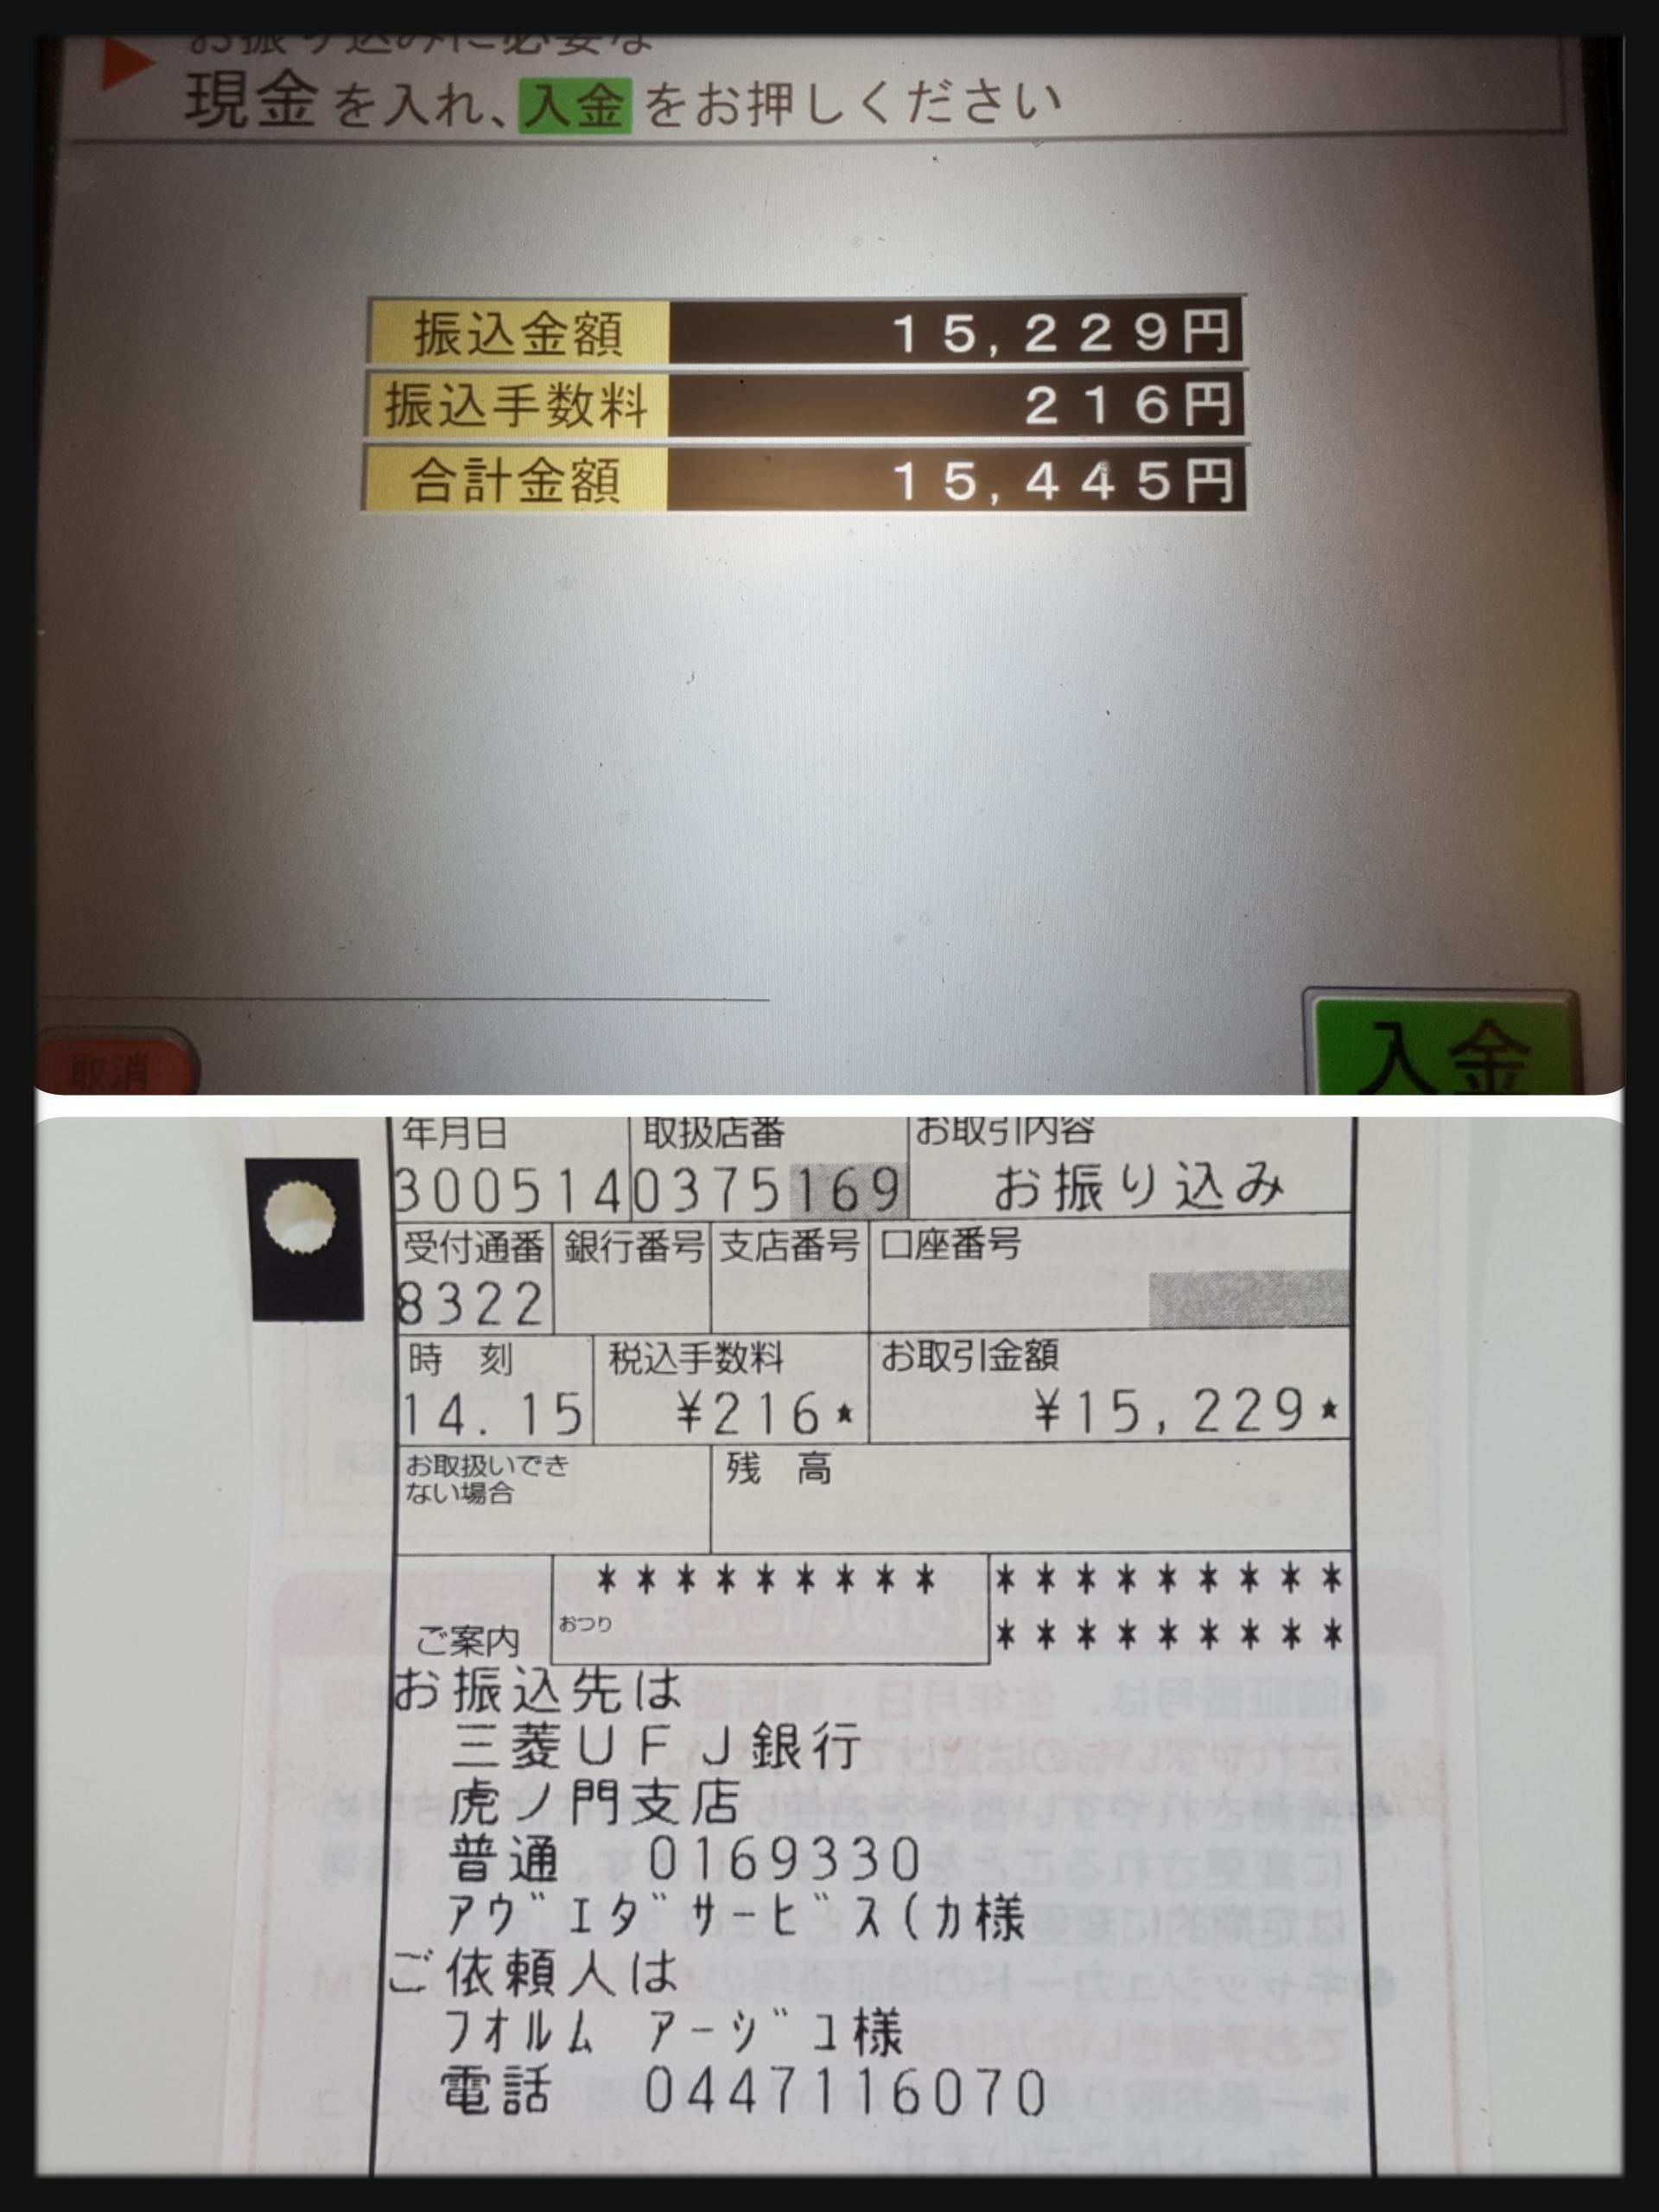 http://forme-age.jp/blog/d8c98a8dfafee1f202c16c8d0dc5c3b24ef5d99f.jpg